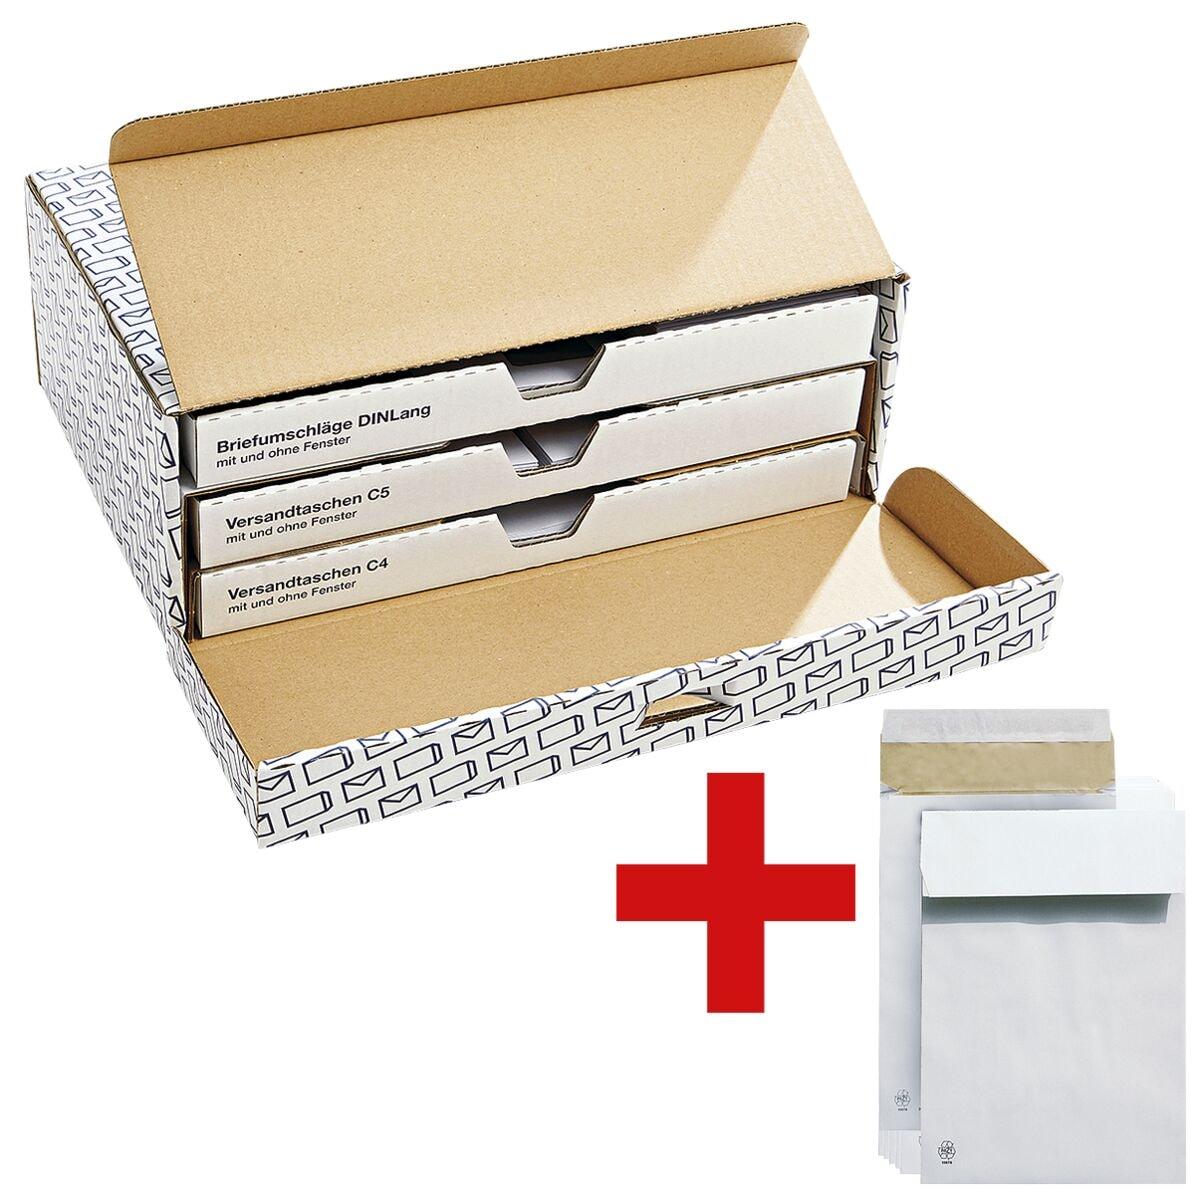 Komplett-Box Steinmetz Der Versender, DL, C5, C4 - 100 Stück inkl. 5er-Pack Polsterfaltentaschen mit Spitzboden